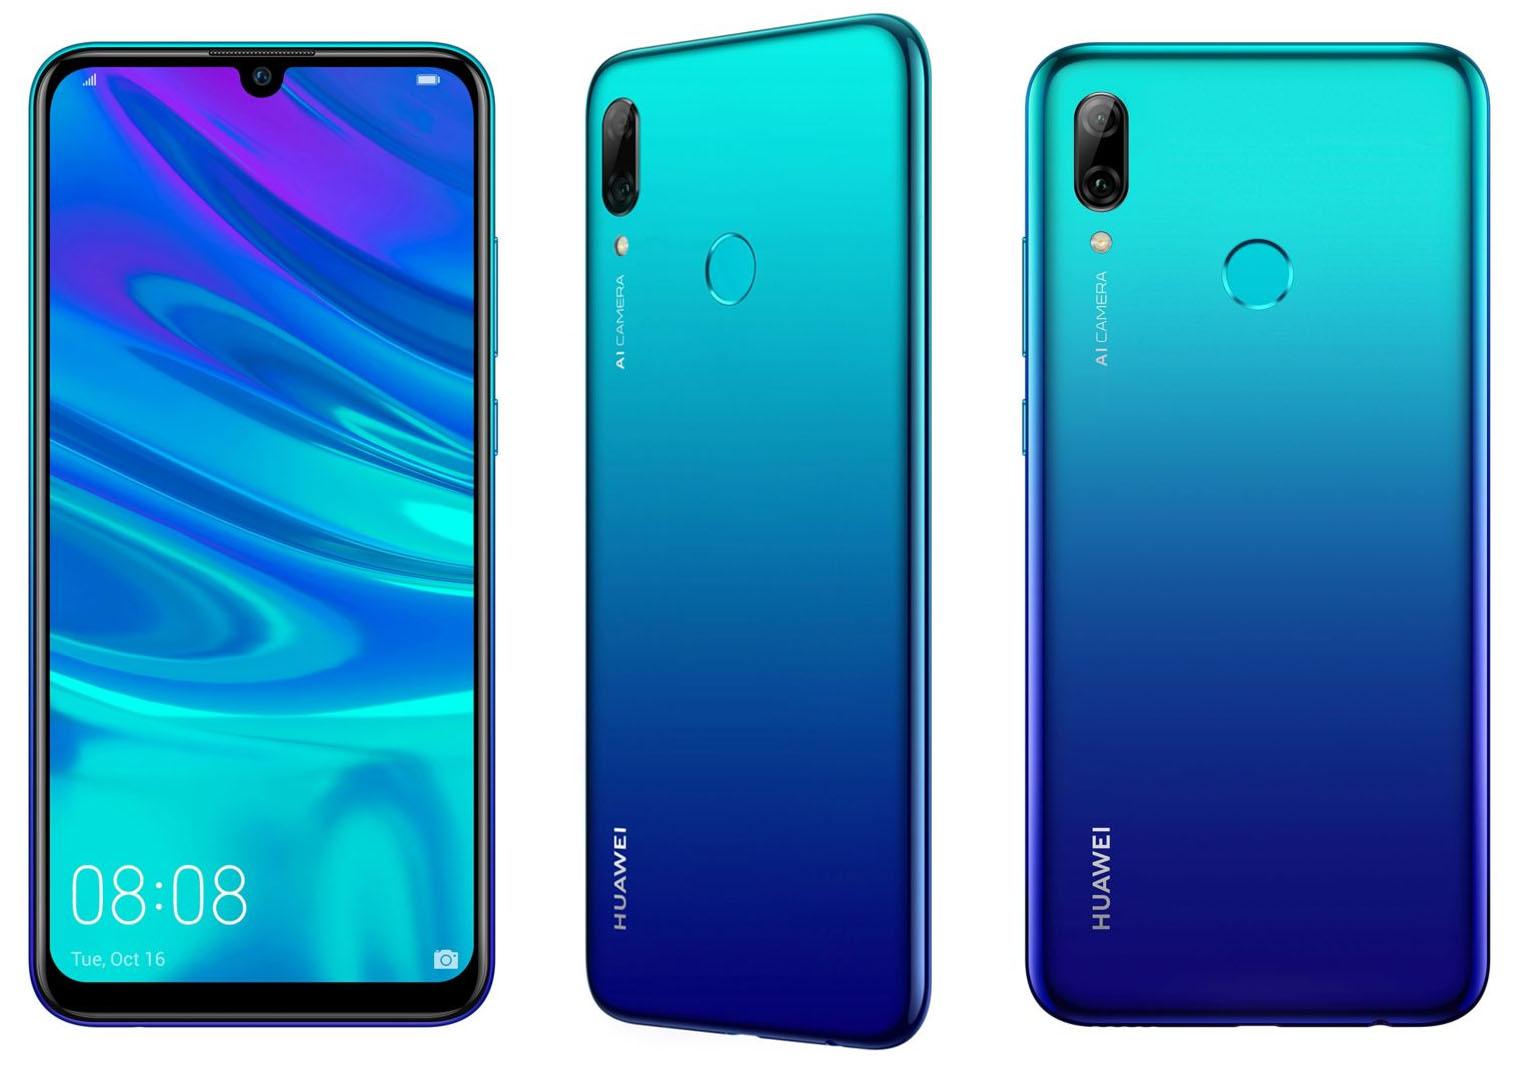 Huawei P Smart 2019 : Boulanger dévoile par erreur son prix en France et sa fiche technique complète